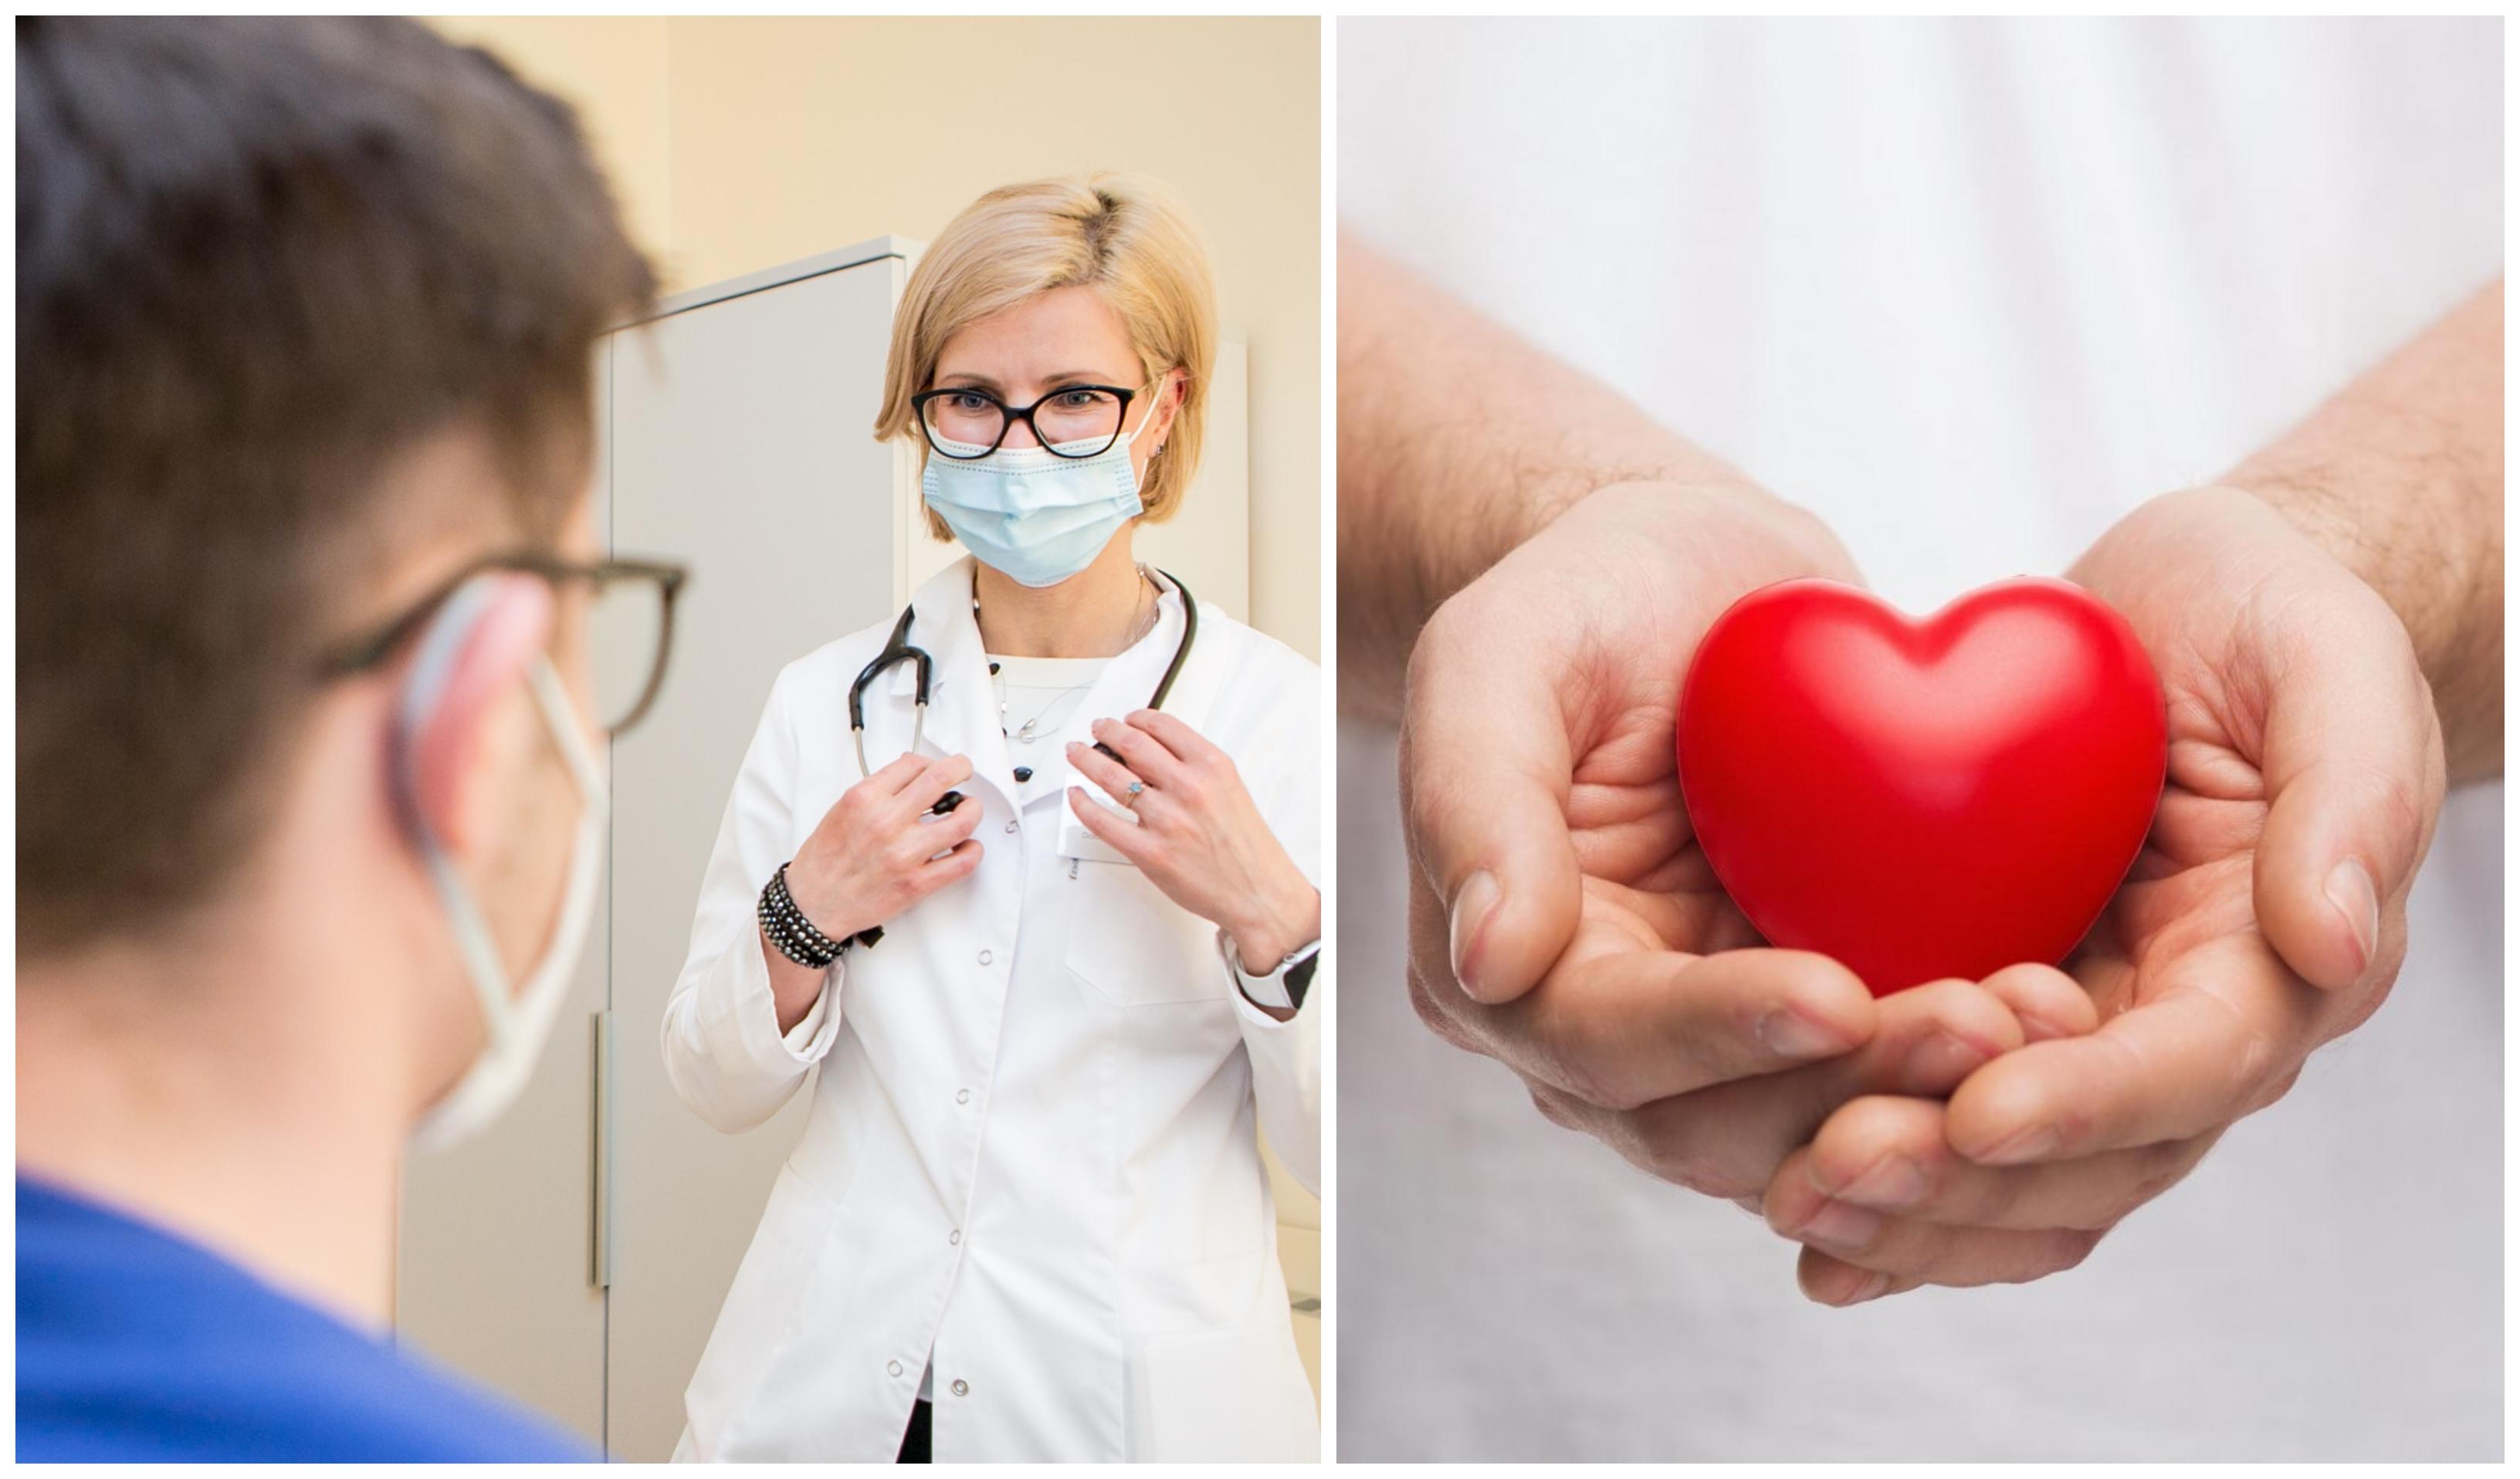 hipertenzija venų varikozė, kaip gydyti atleidimas nuo šaukimo į hipertenziją